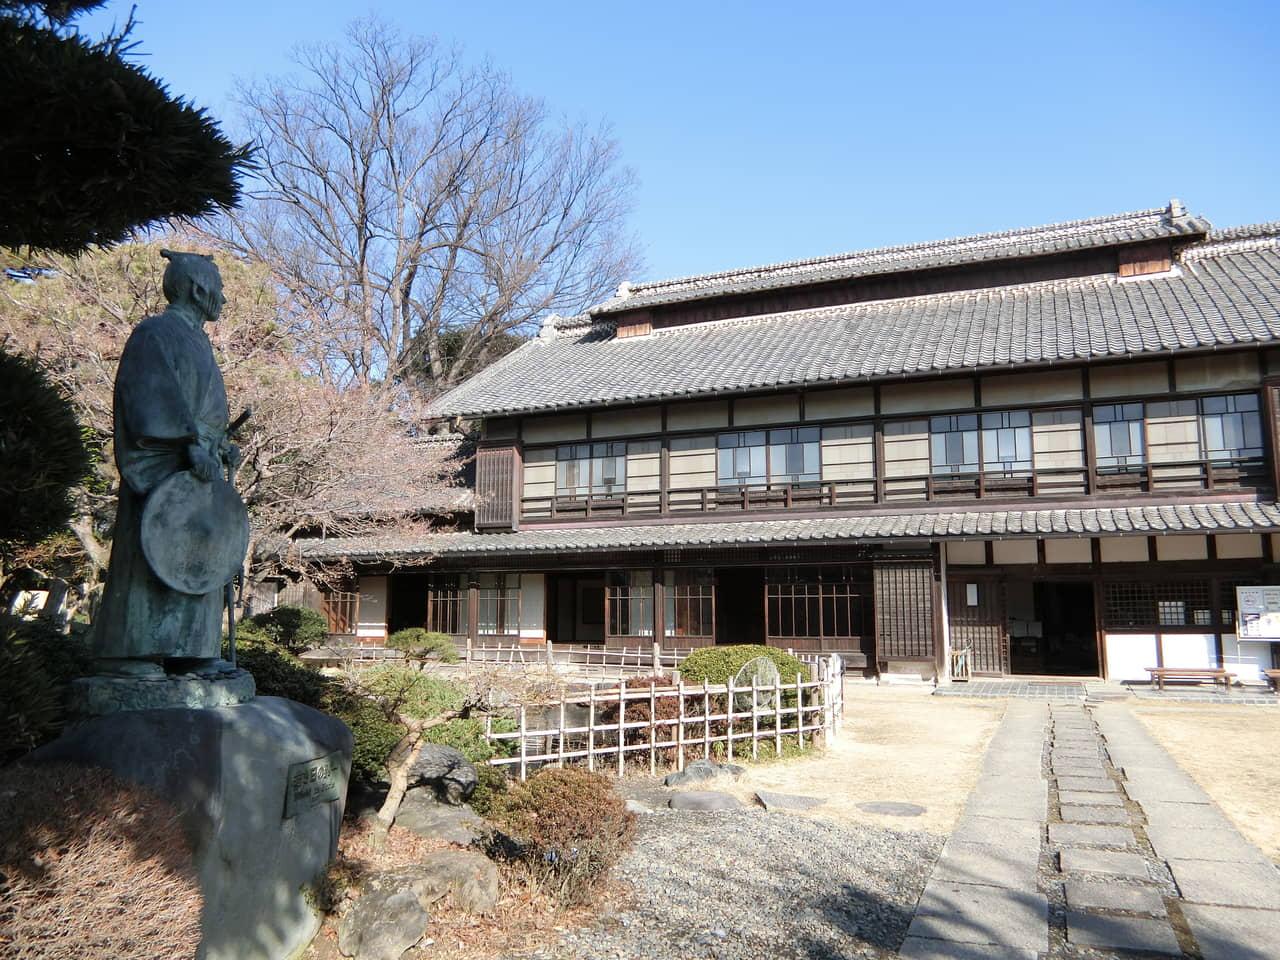 新札の顔・渋沢栄一のアンドロイドに会える注目スポットー生誕地「中の家」の歴史を探る